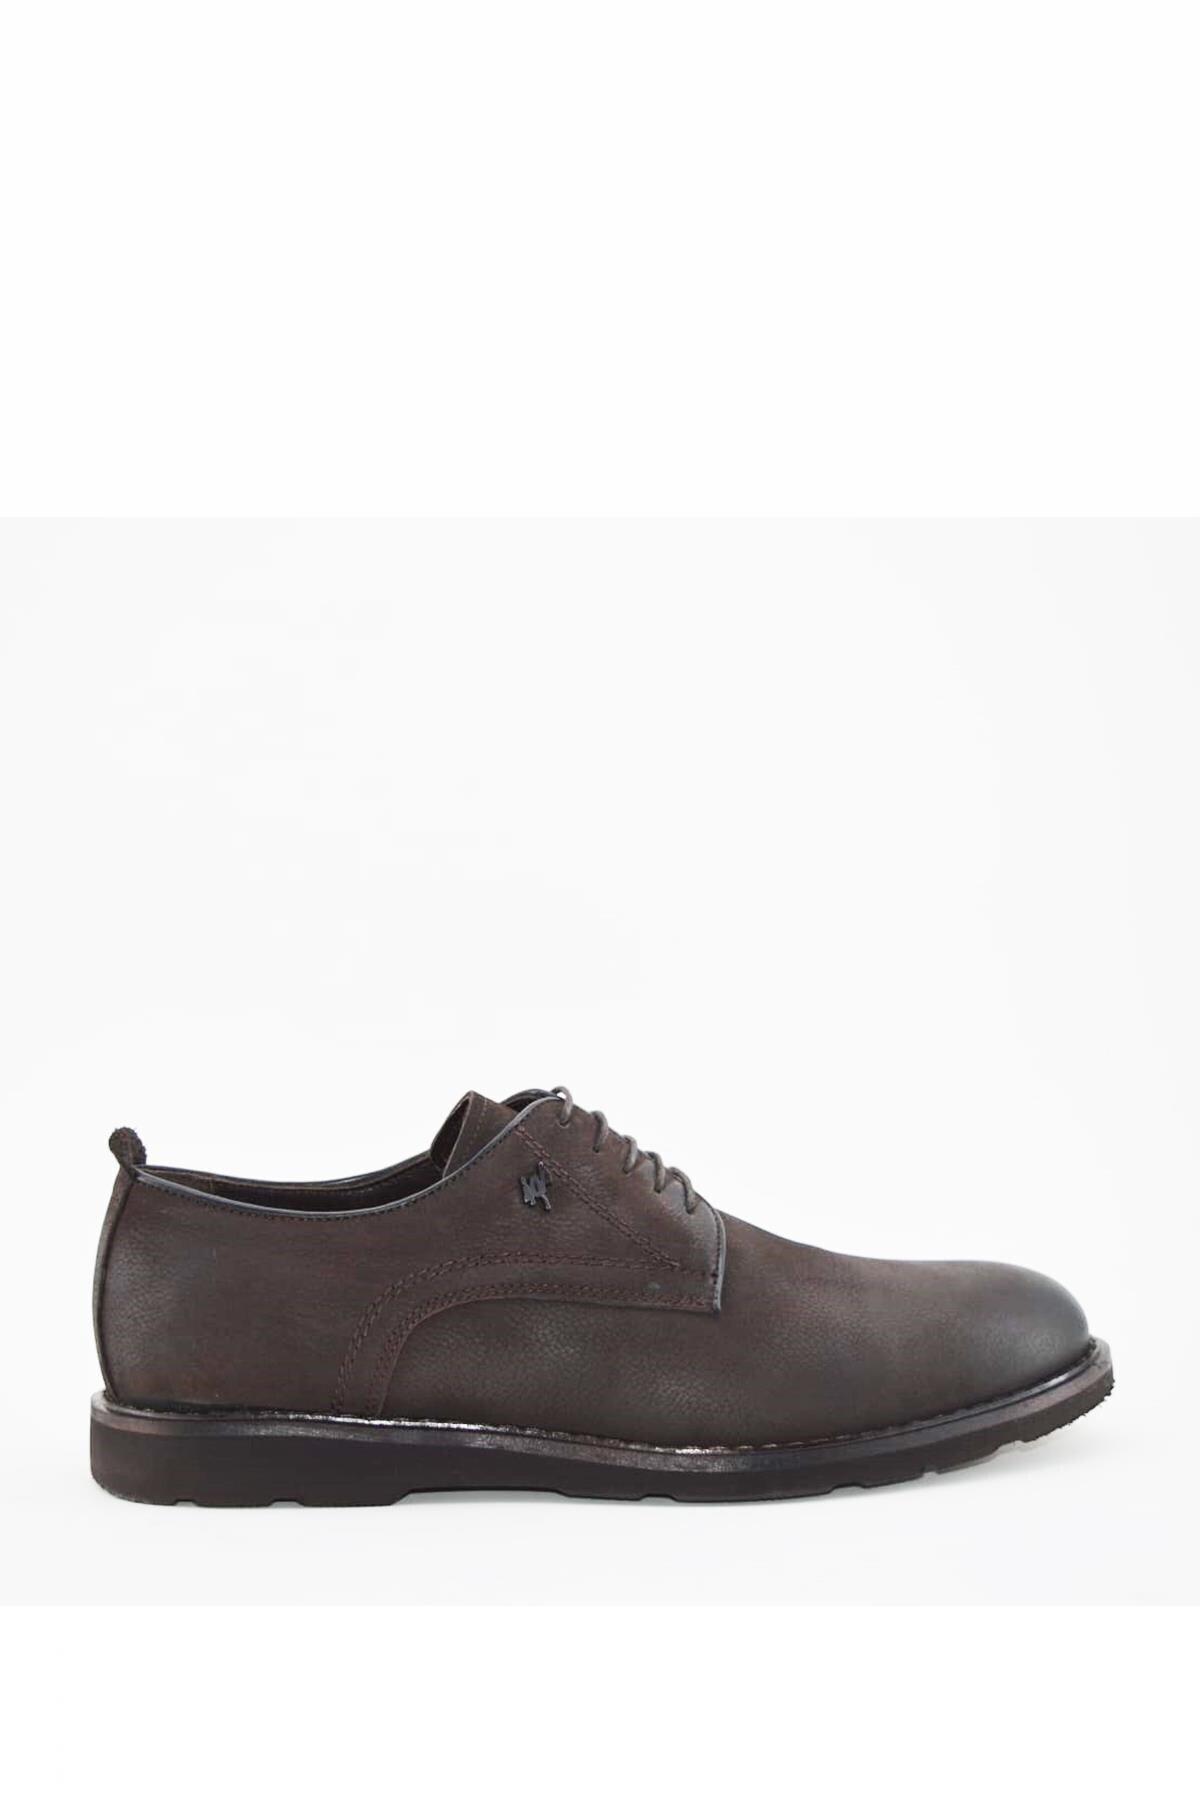 Erkek Kahverengi Deri Günlük Ayakkabı I180118-2 M 1000